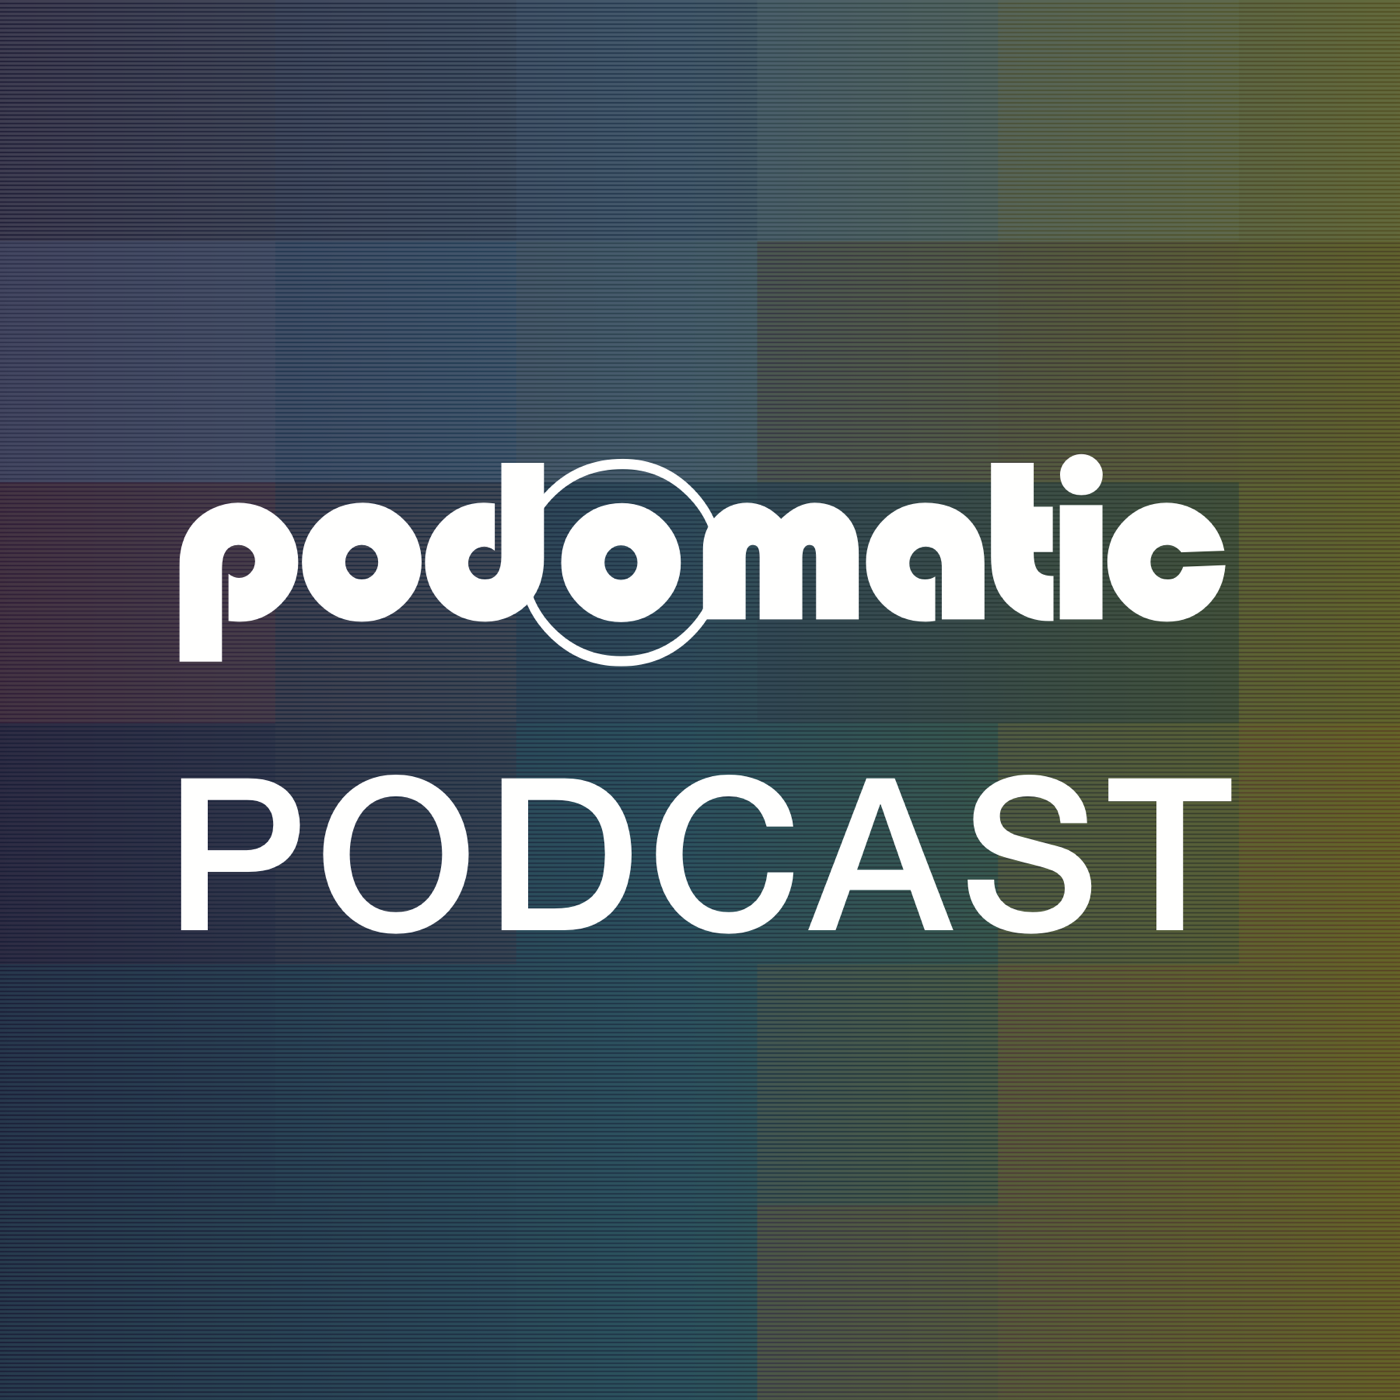 Josh Cardosi's Podcast